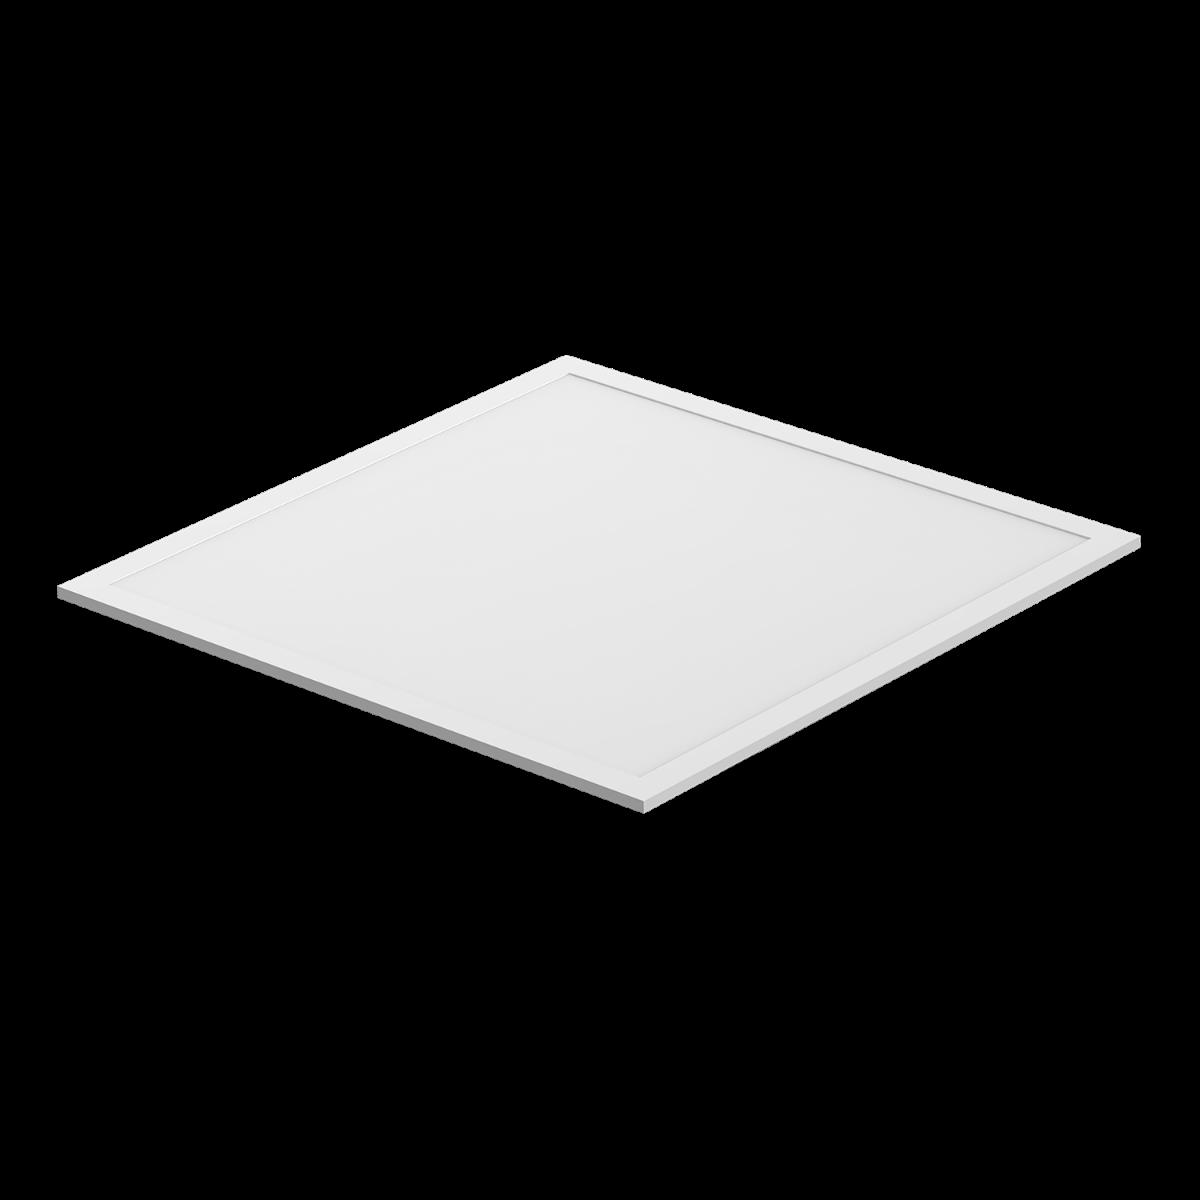 Noxion Panneau LED Econox 32W Xitanium DALI 60x60cm 3000K 3900lm UGR <22   Dali Dimmable - Blanc Chaud - Substitut 4x18W